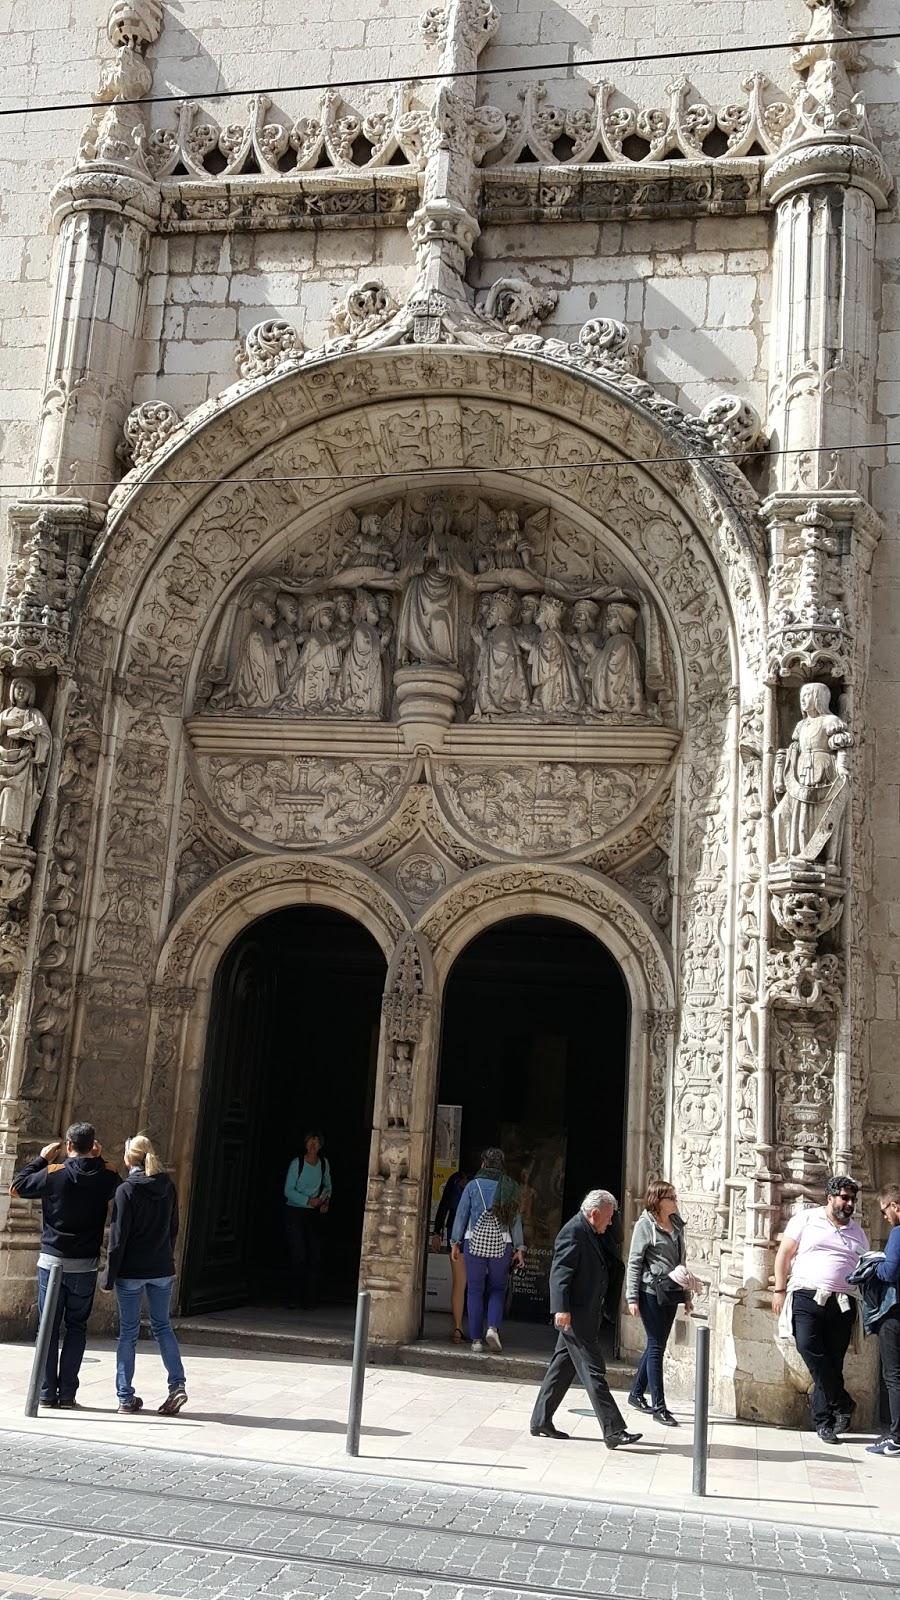 Arpose  Passeios por Lisboa 6  Impressões pouco agradáveis d7220eb6f82